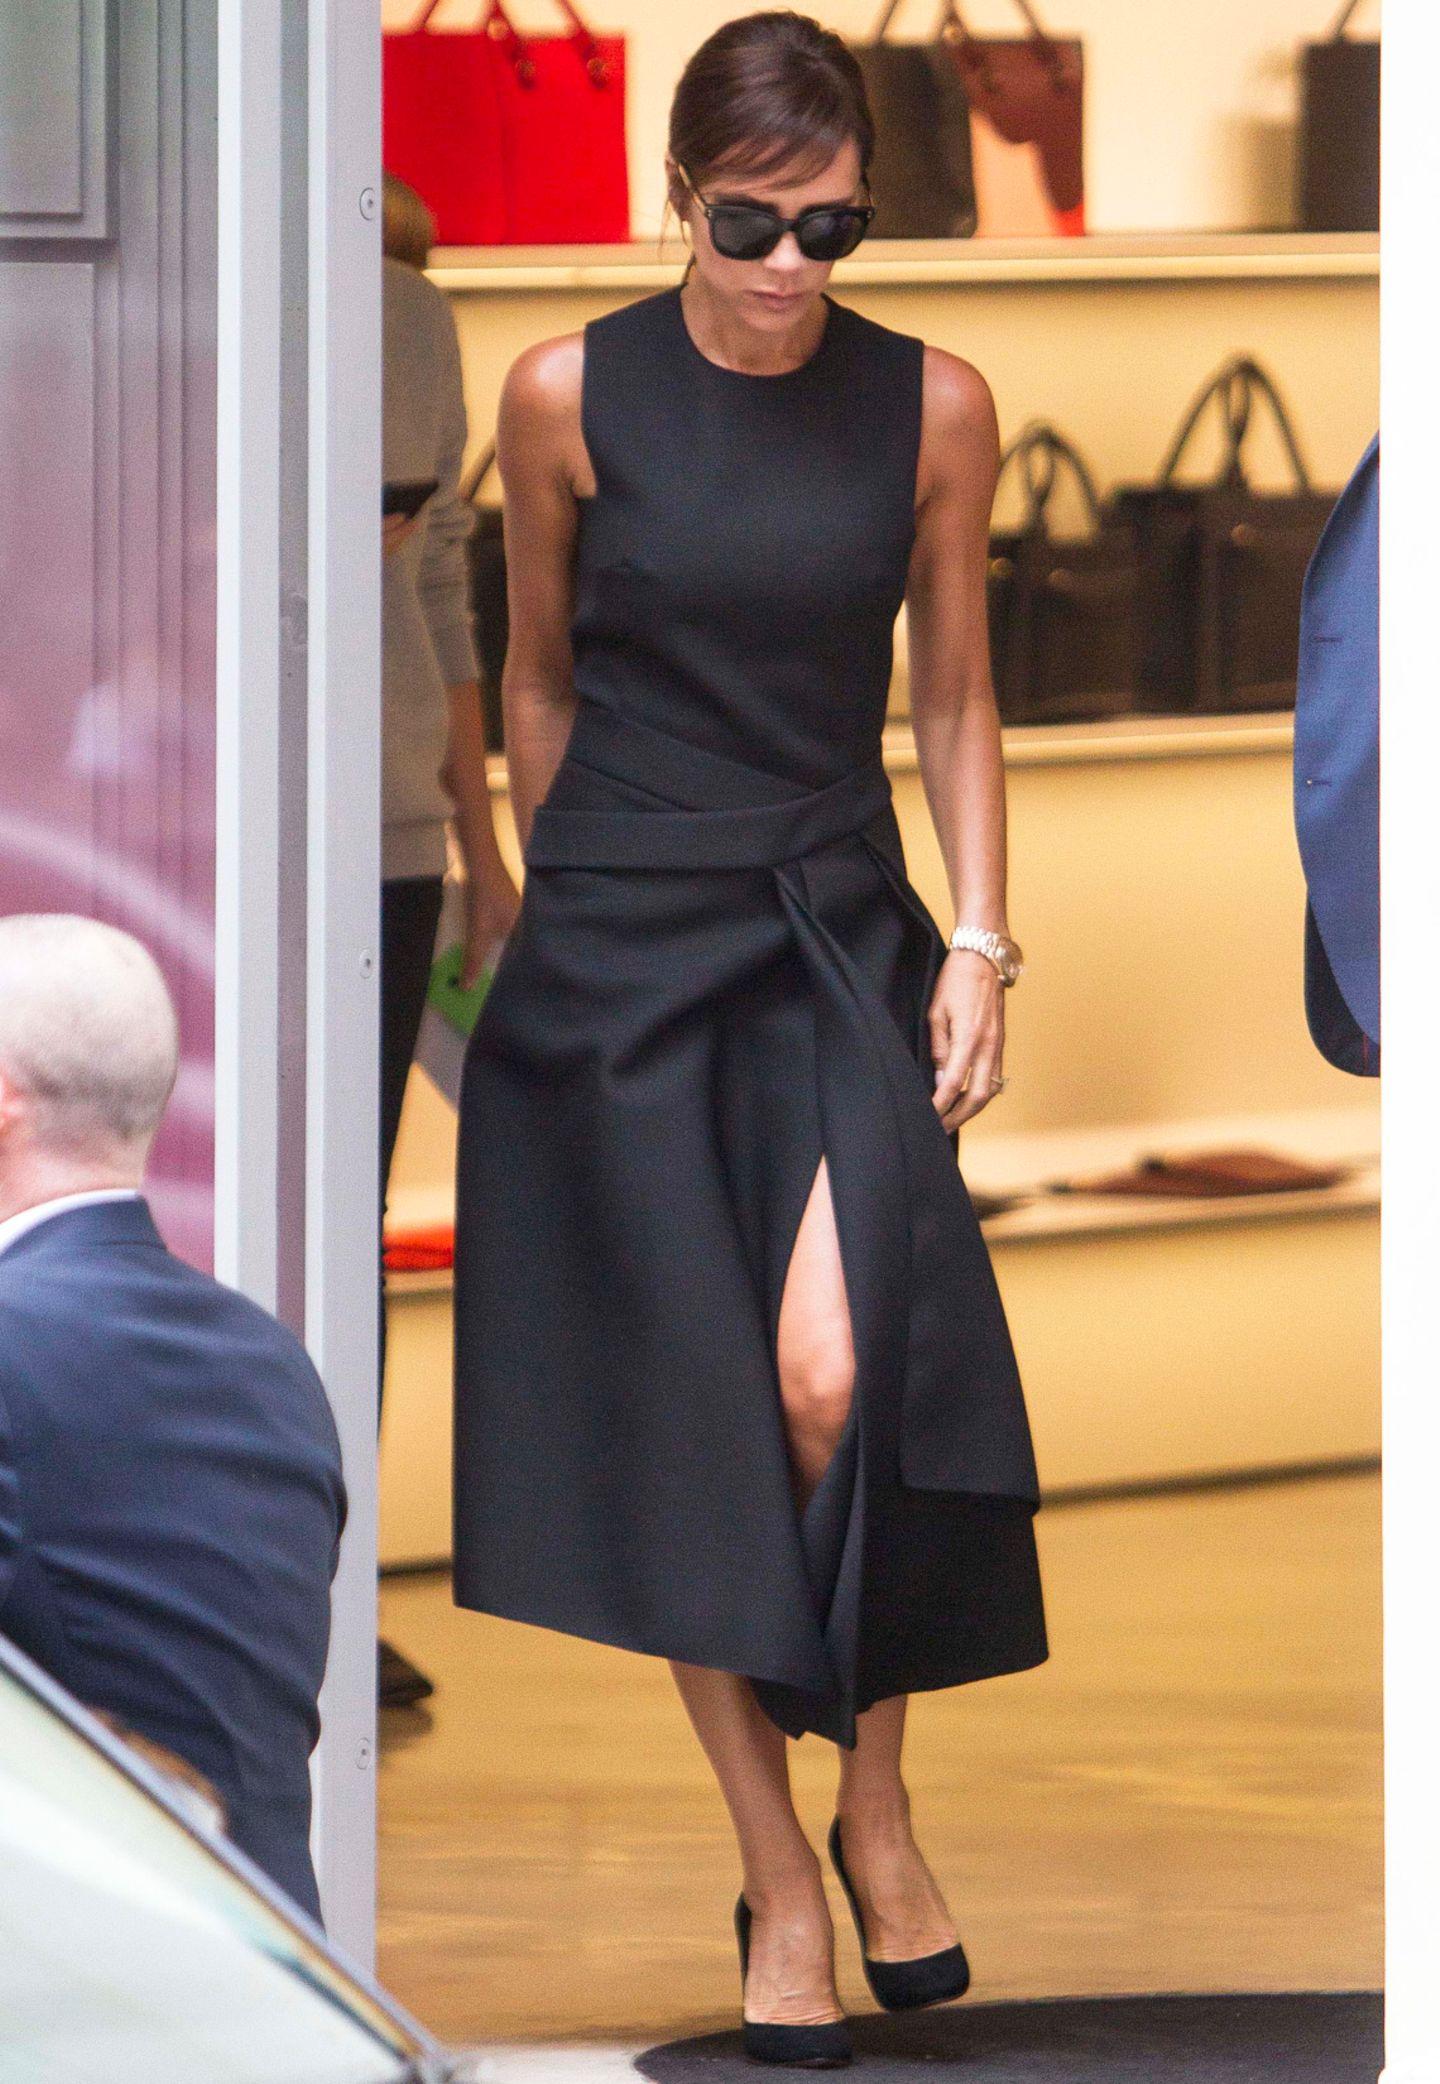 Posh mit Pony? Mit ihren seitlich über die Stirn frisierten Haaren erinnert Victoria Beckham, hier in einem schwarzen Kleid aus ihrer eigenen Herbst/Winter 2015 Kollektion, optisch an Stil-Ikone Audrey Hepburn.